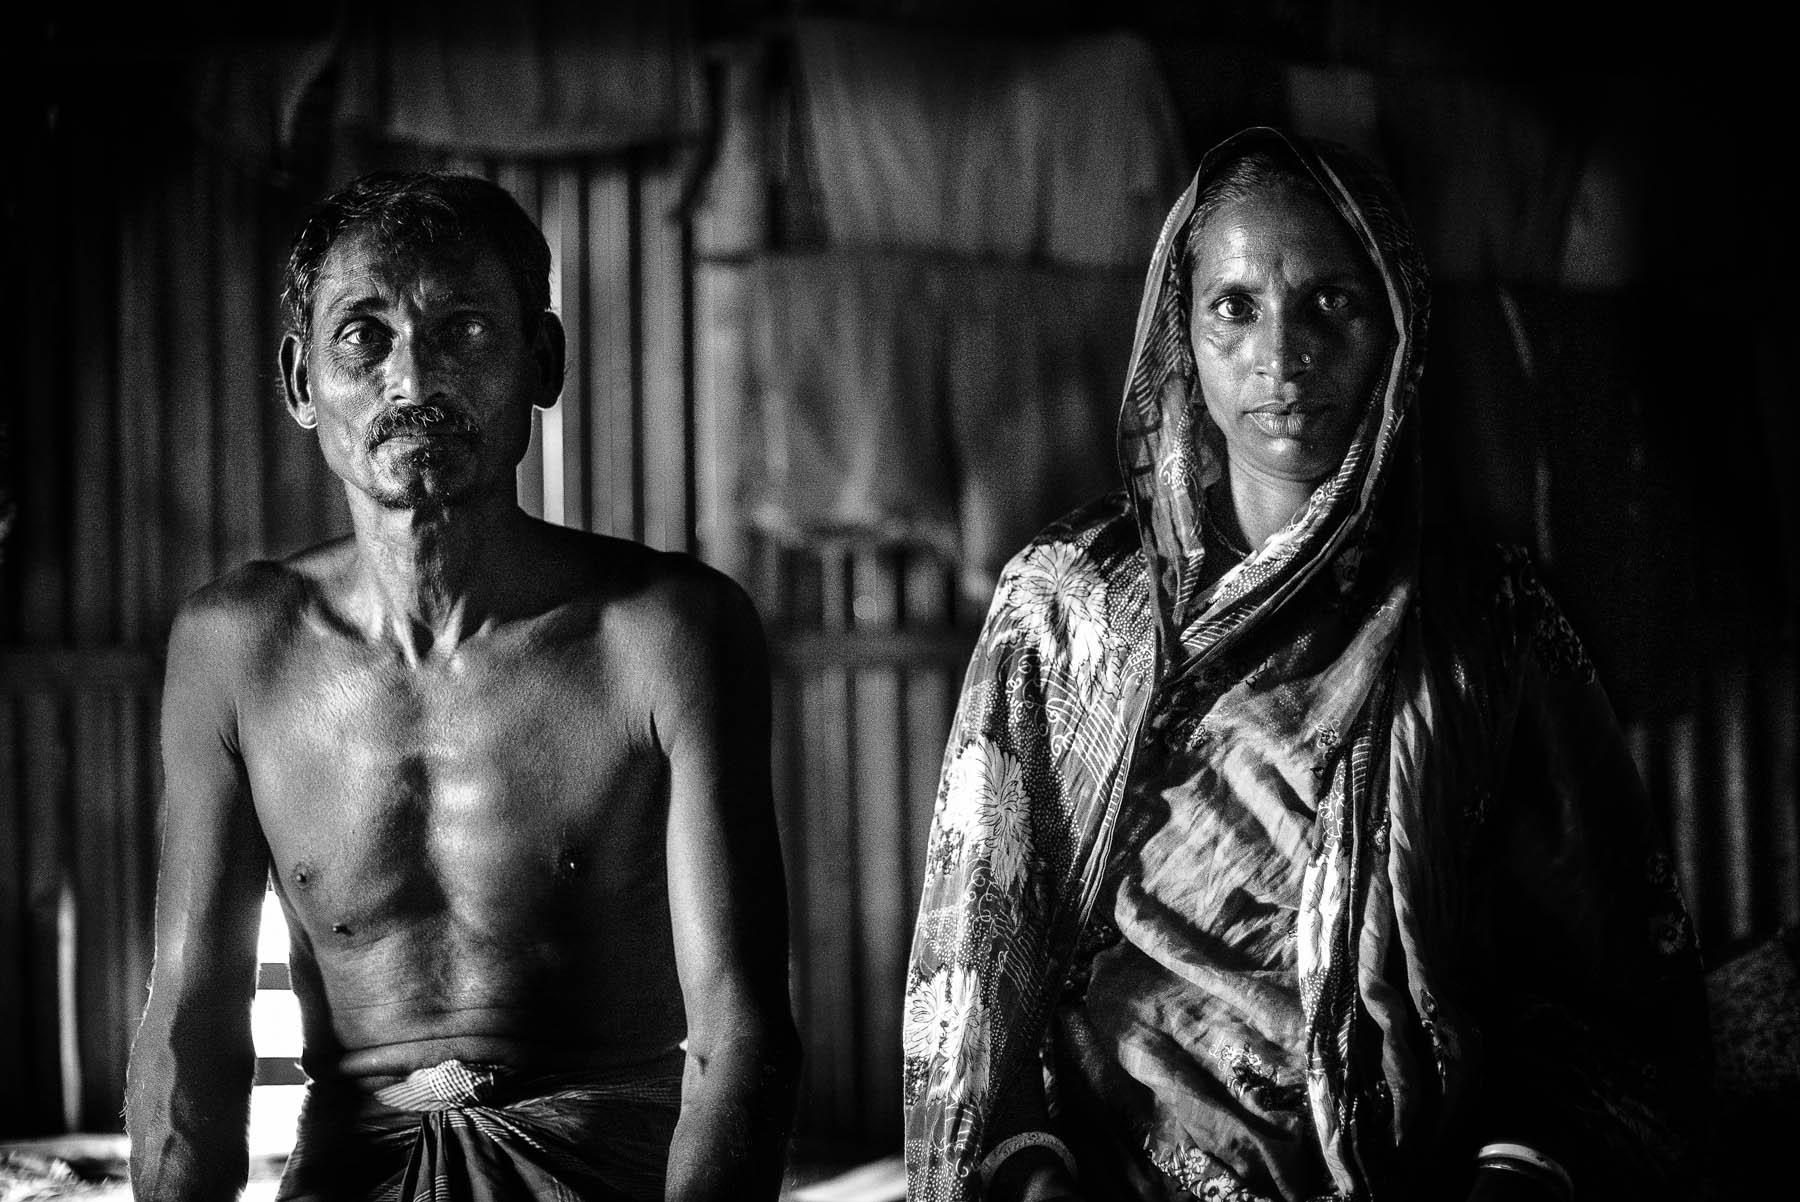 Jules_toulet_bangladesh-3